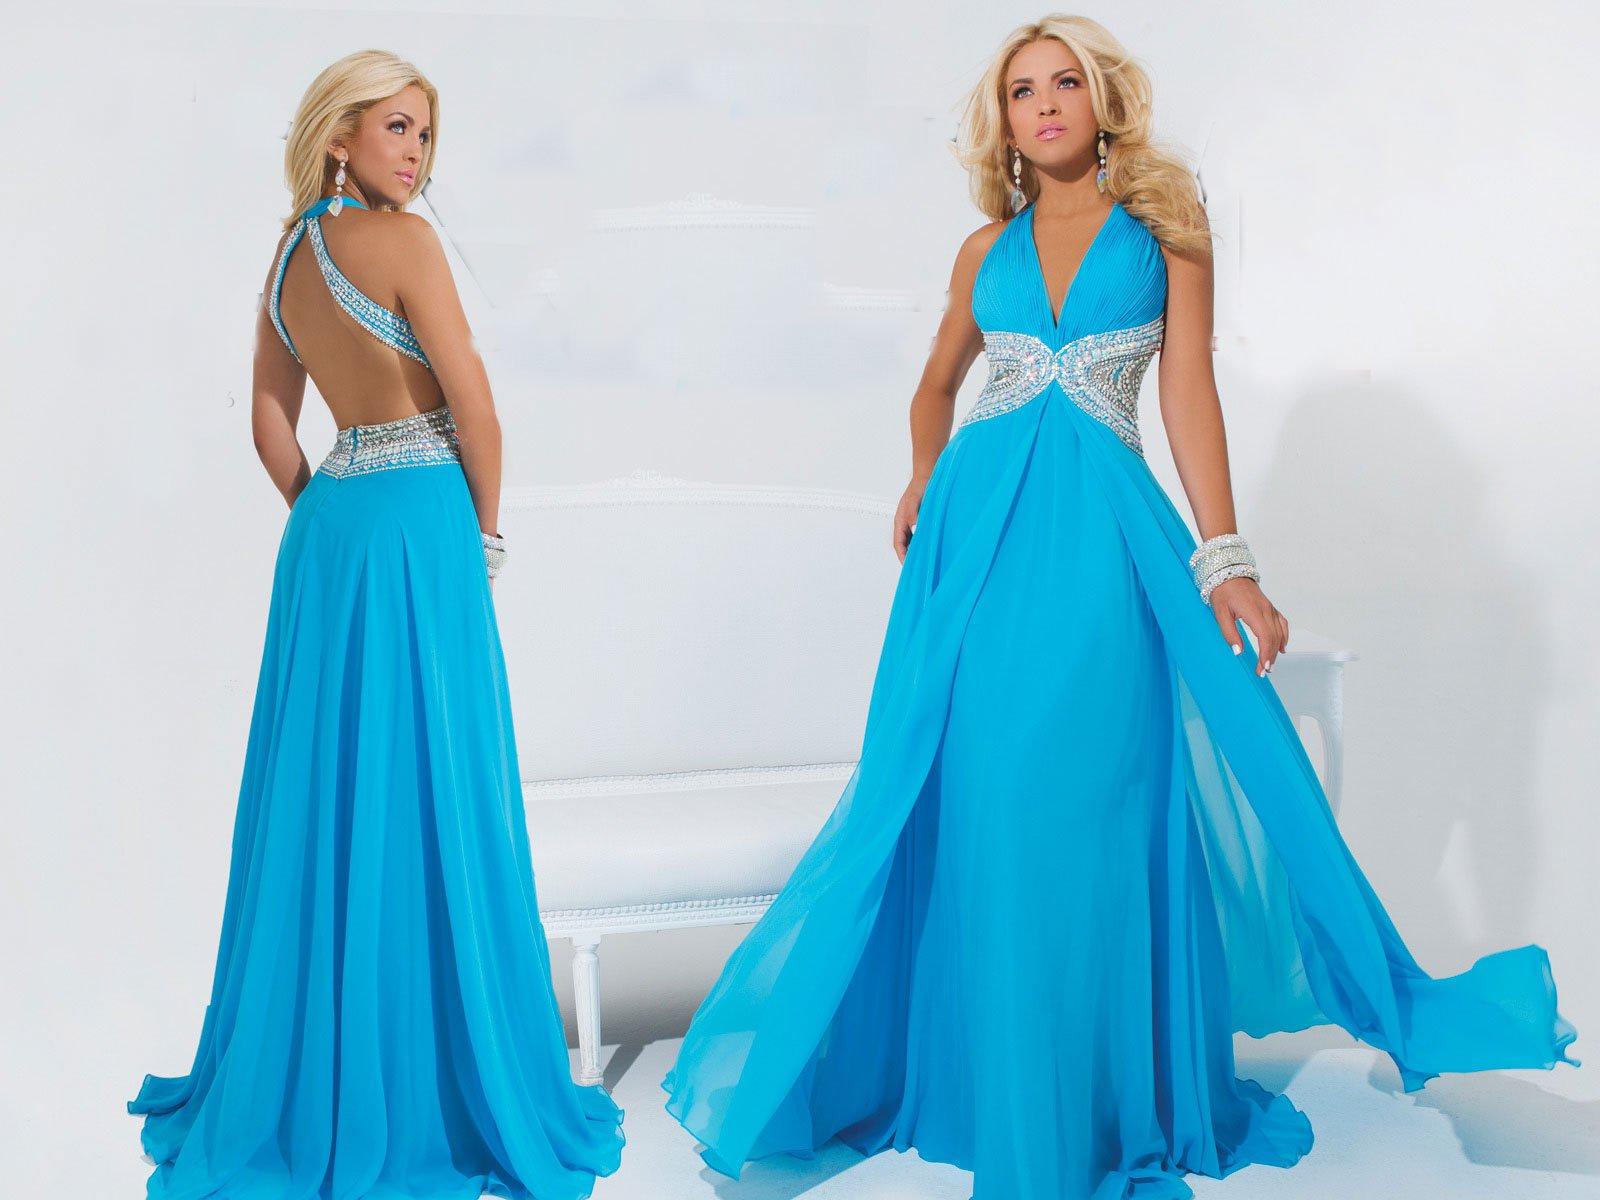 114716TB suknia wieczorowa - Niebieskie/granatowe